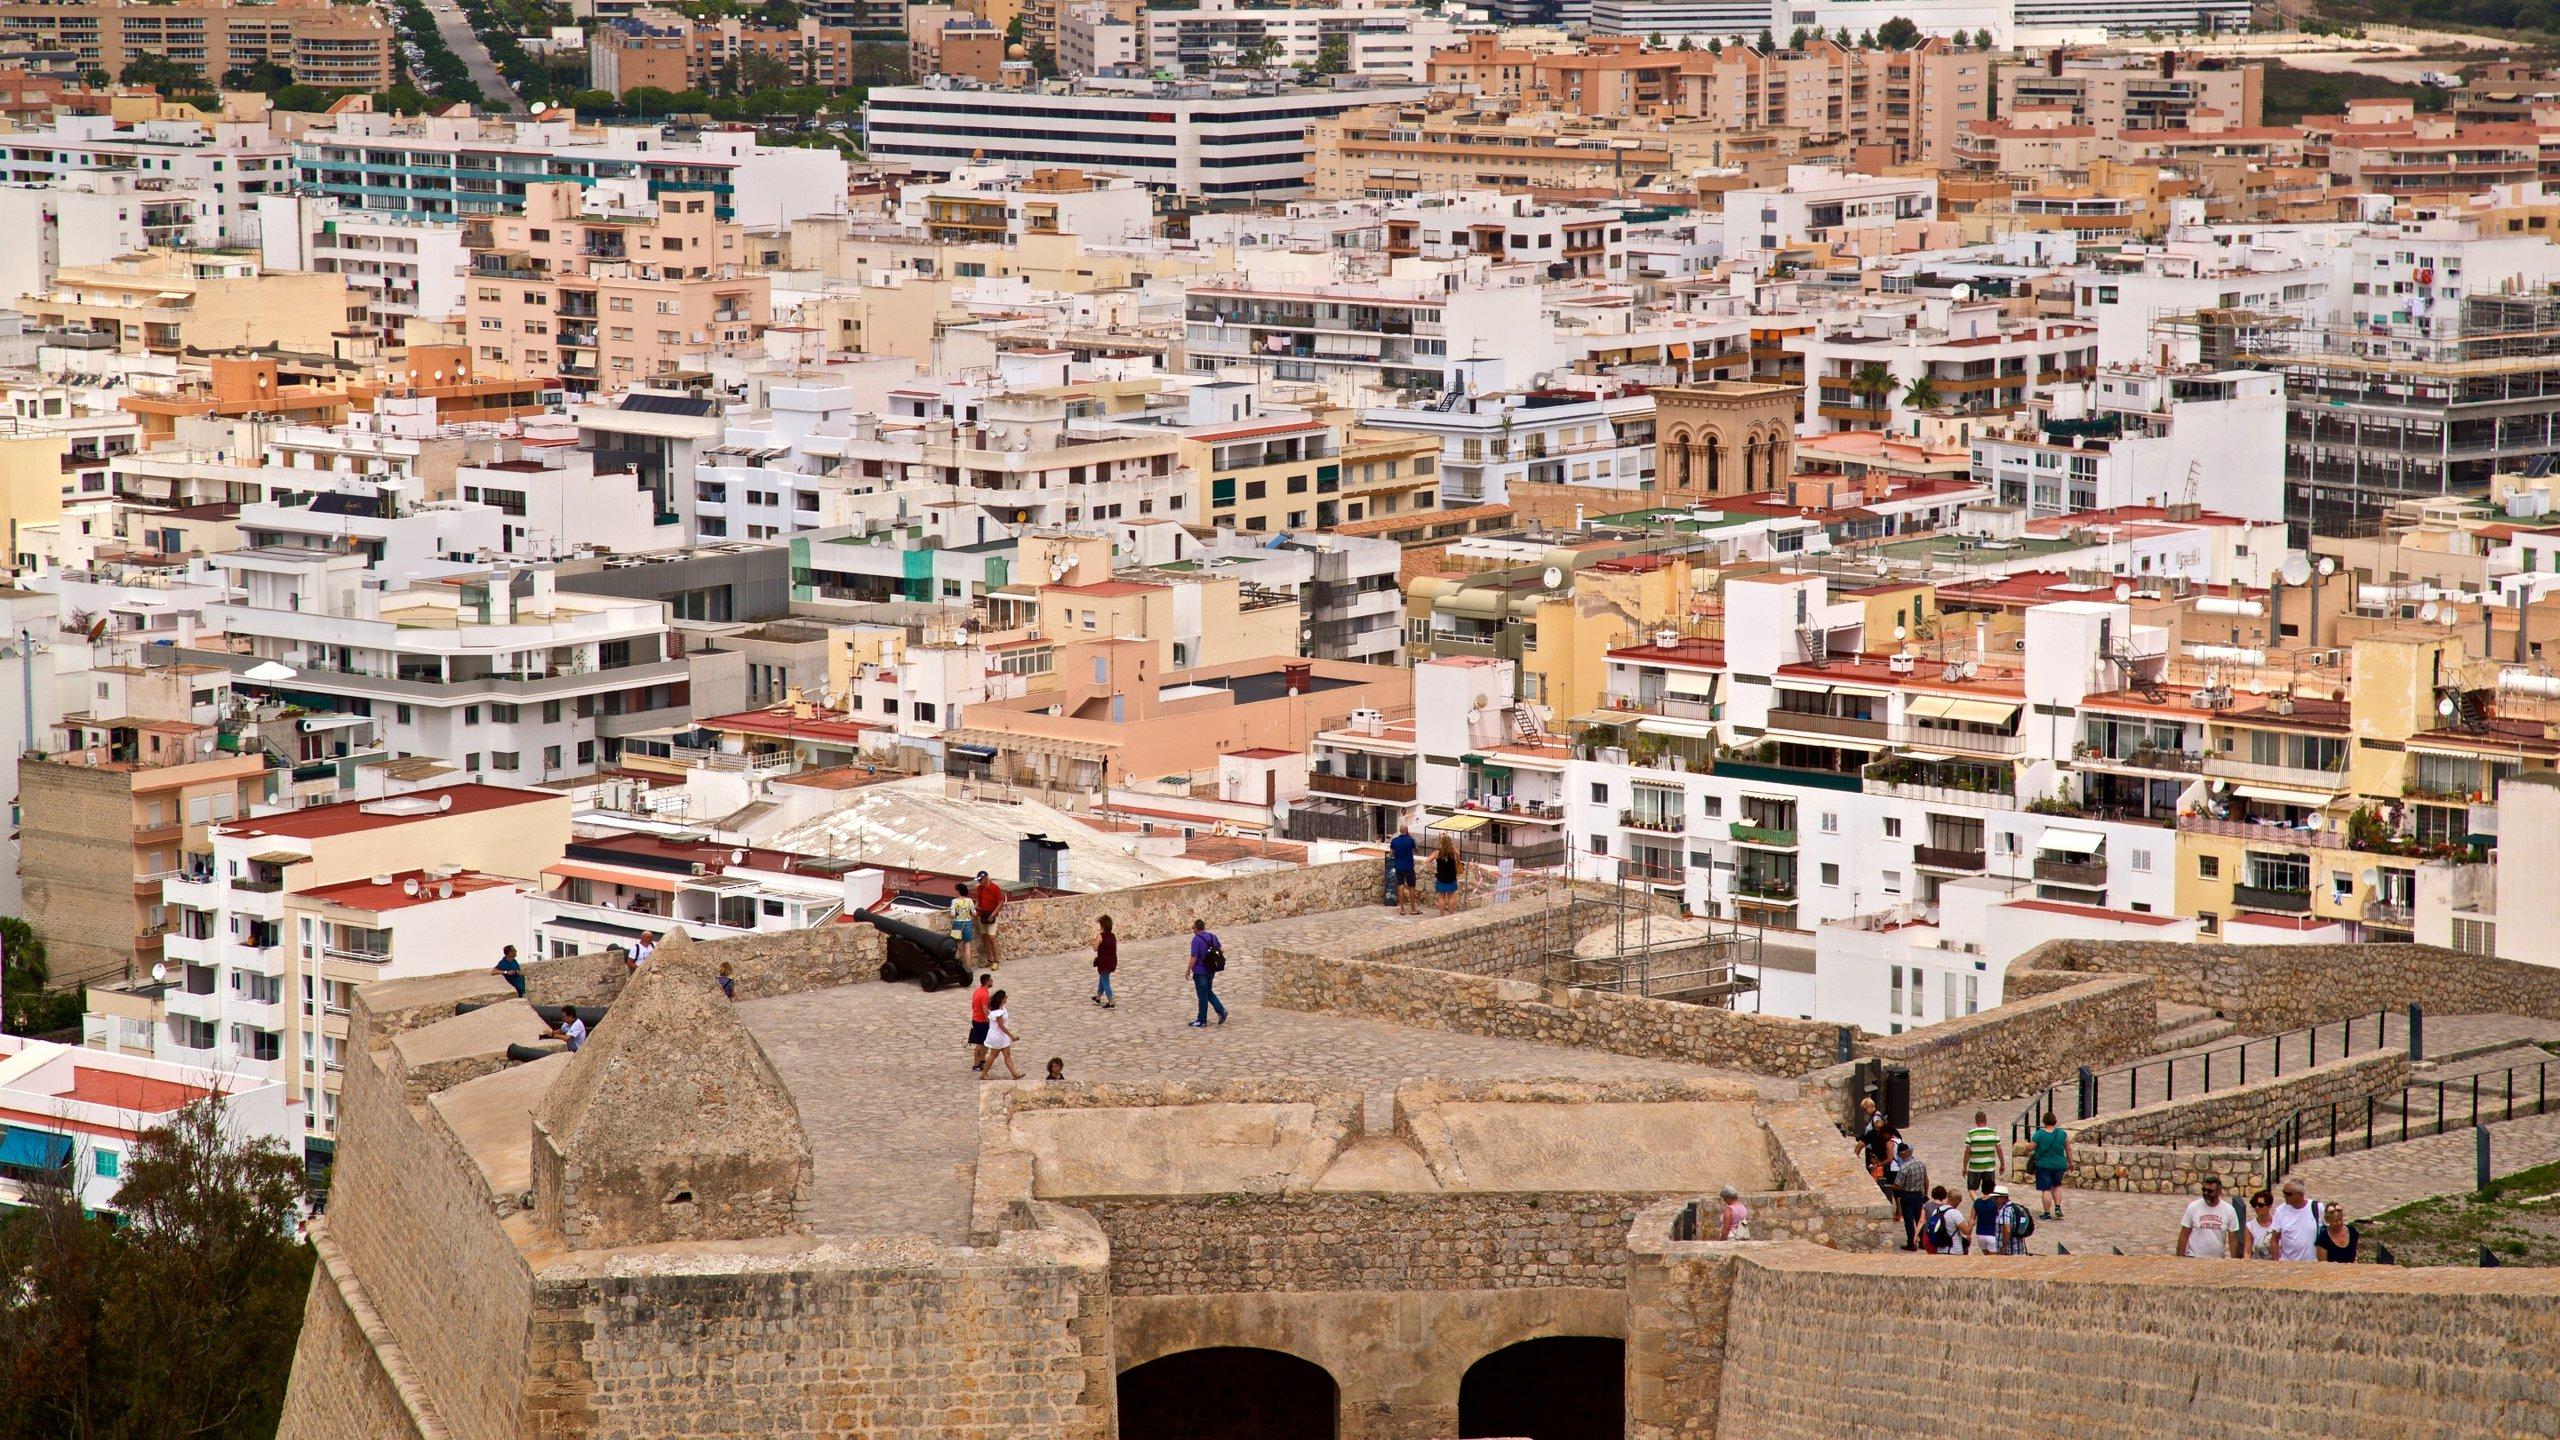 Descubre la historia de Ciudad de Ibiza desde uno de sus puntos más conocidos: Bastions. Además de ser un destino donde reina la tranquilidad, aquí también podrás darte algún que otro chapuzón en la playa o salir de bares.